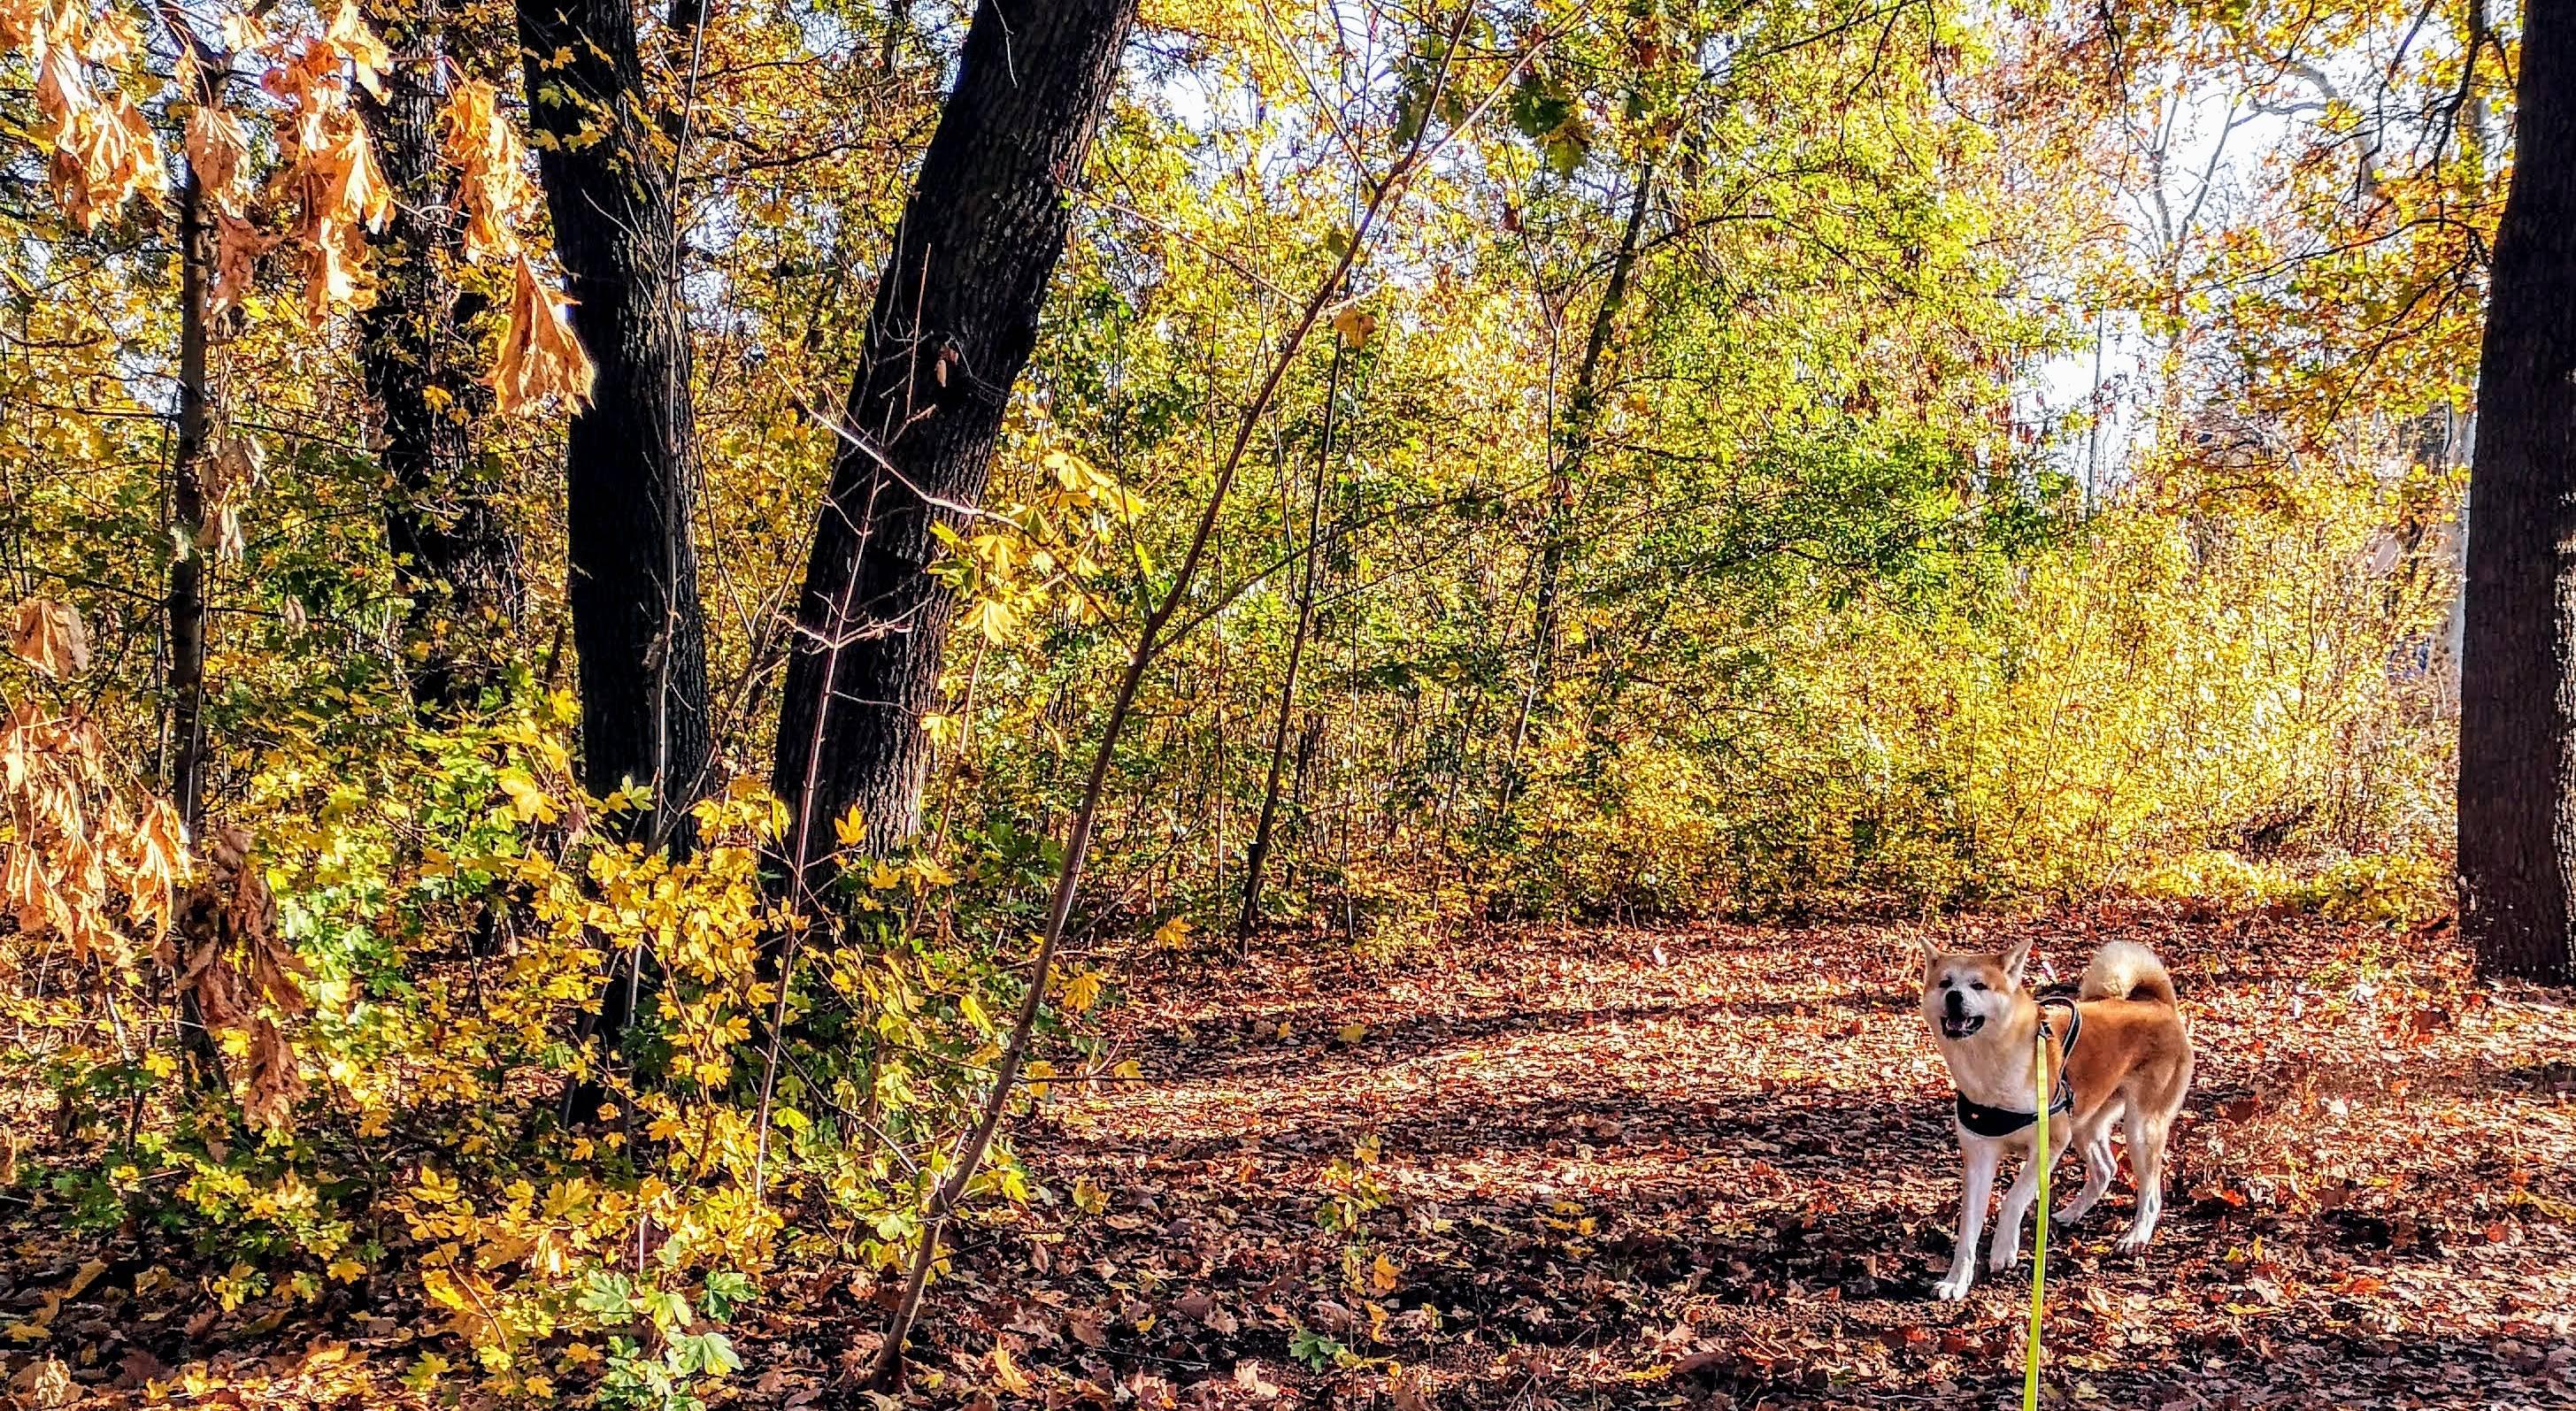 Chaussette profite des feuilles mortes